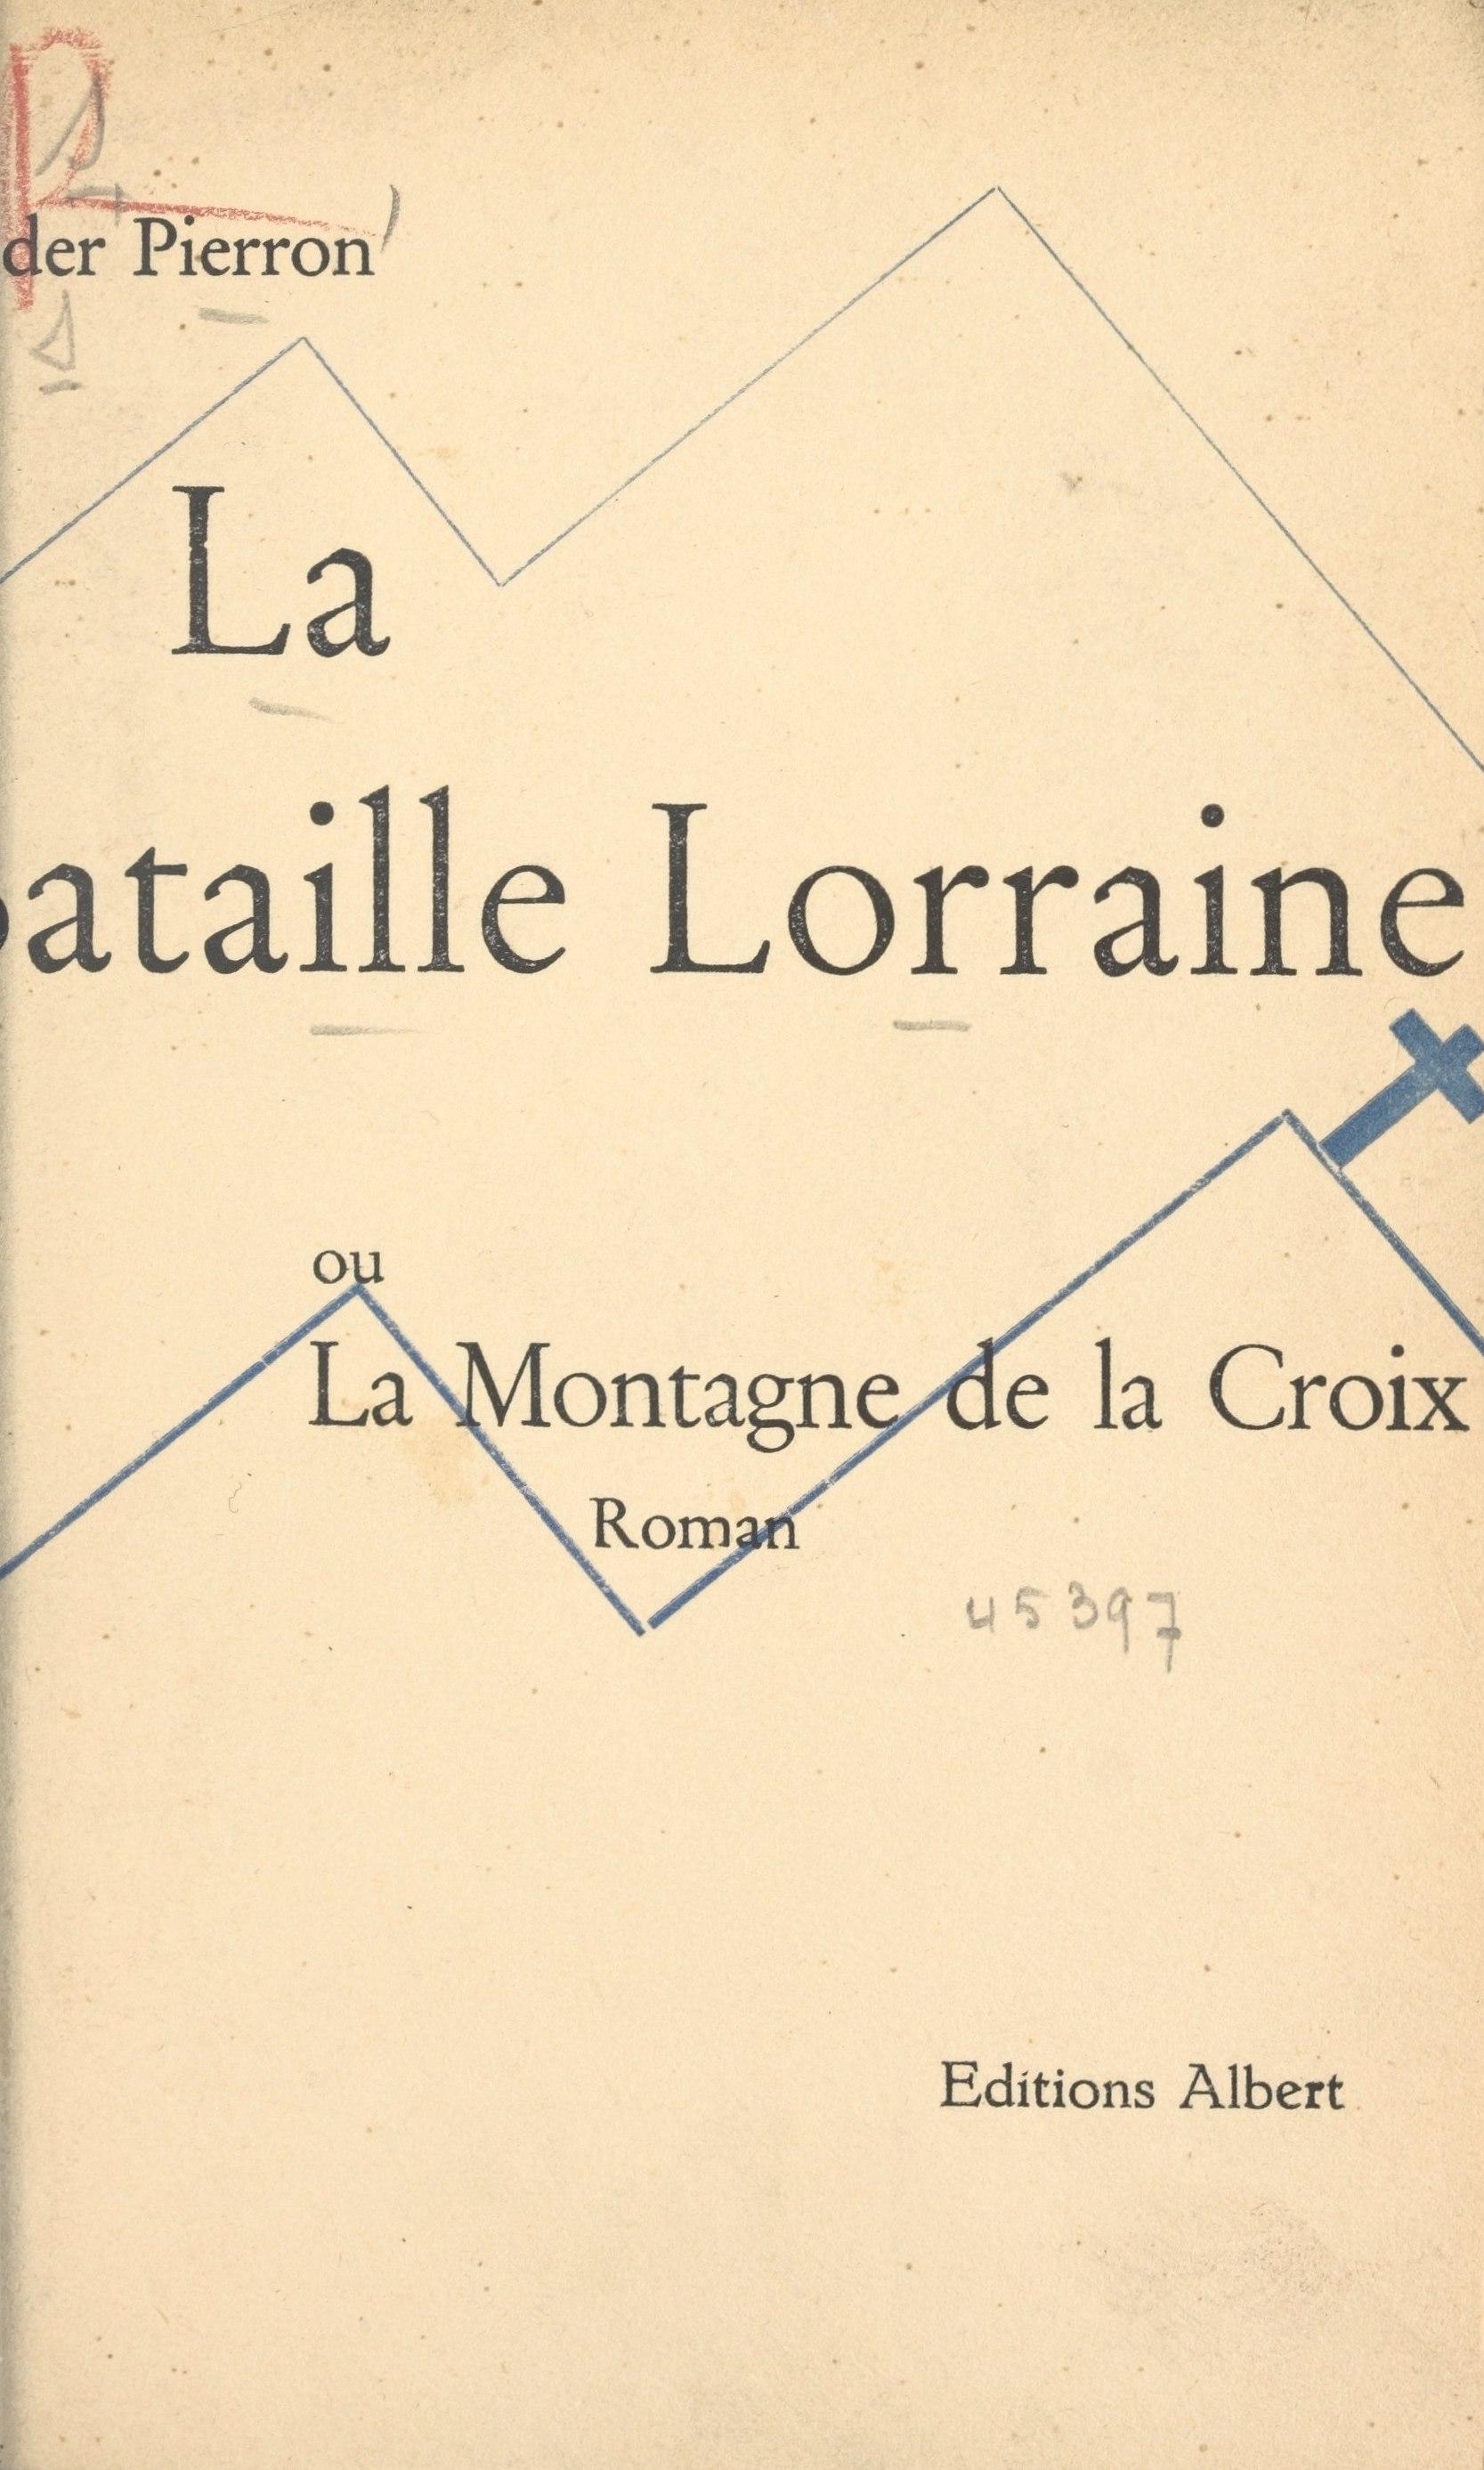 La bataille lorraine, OU LA MONTAGNE DE LA CROIX